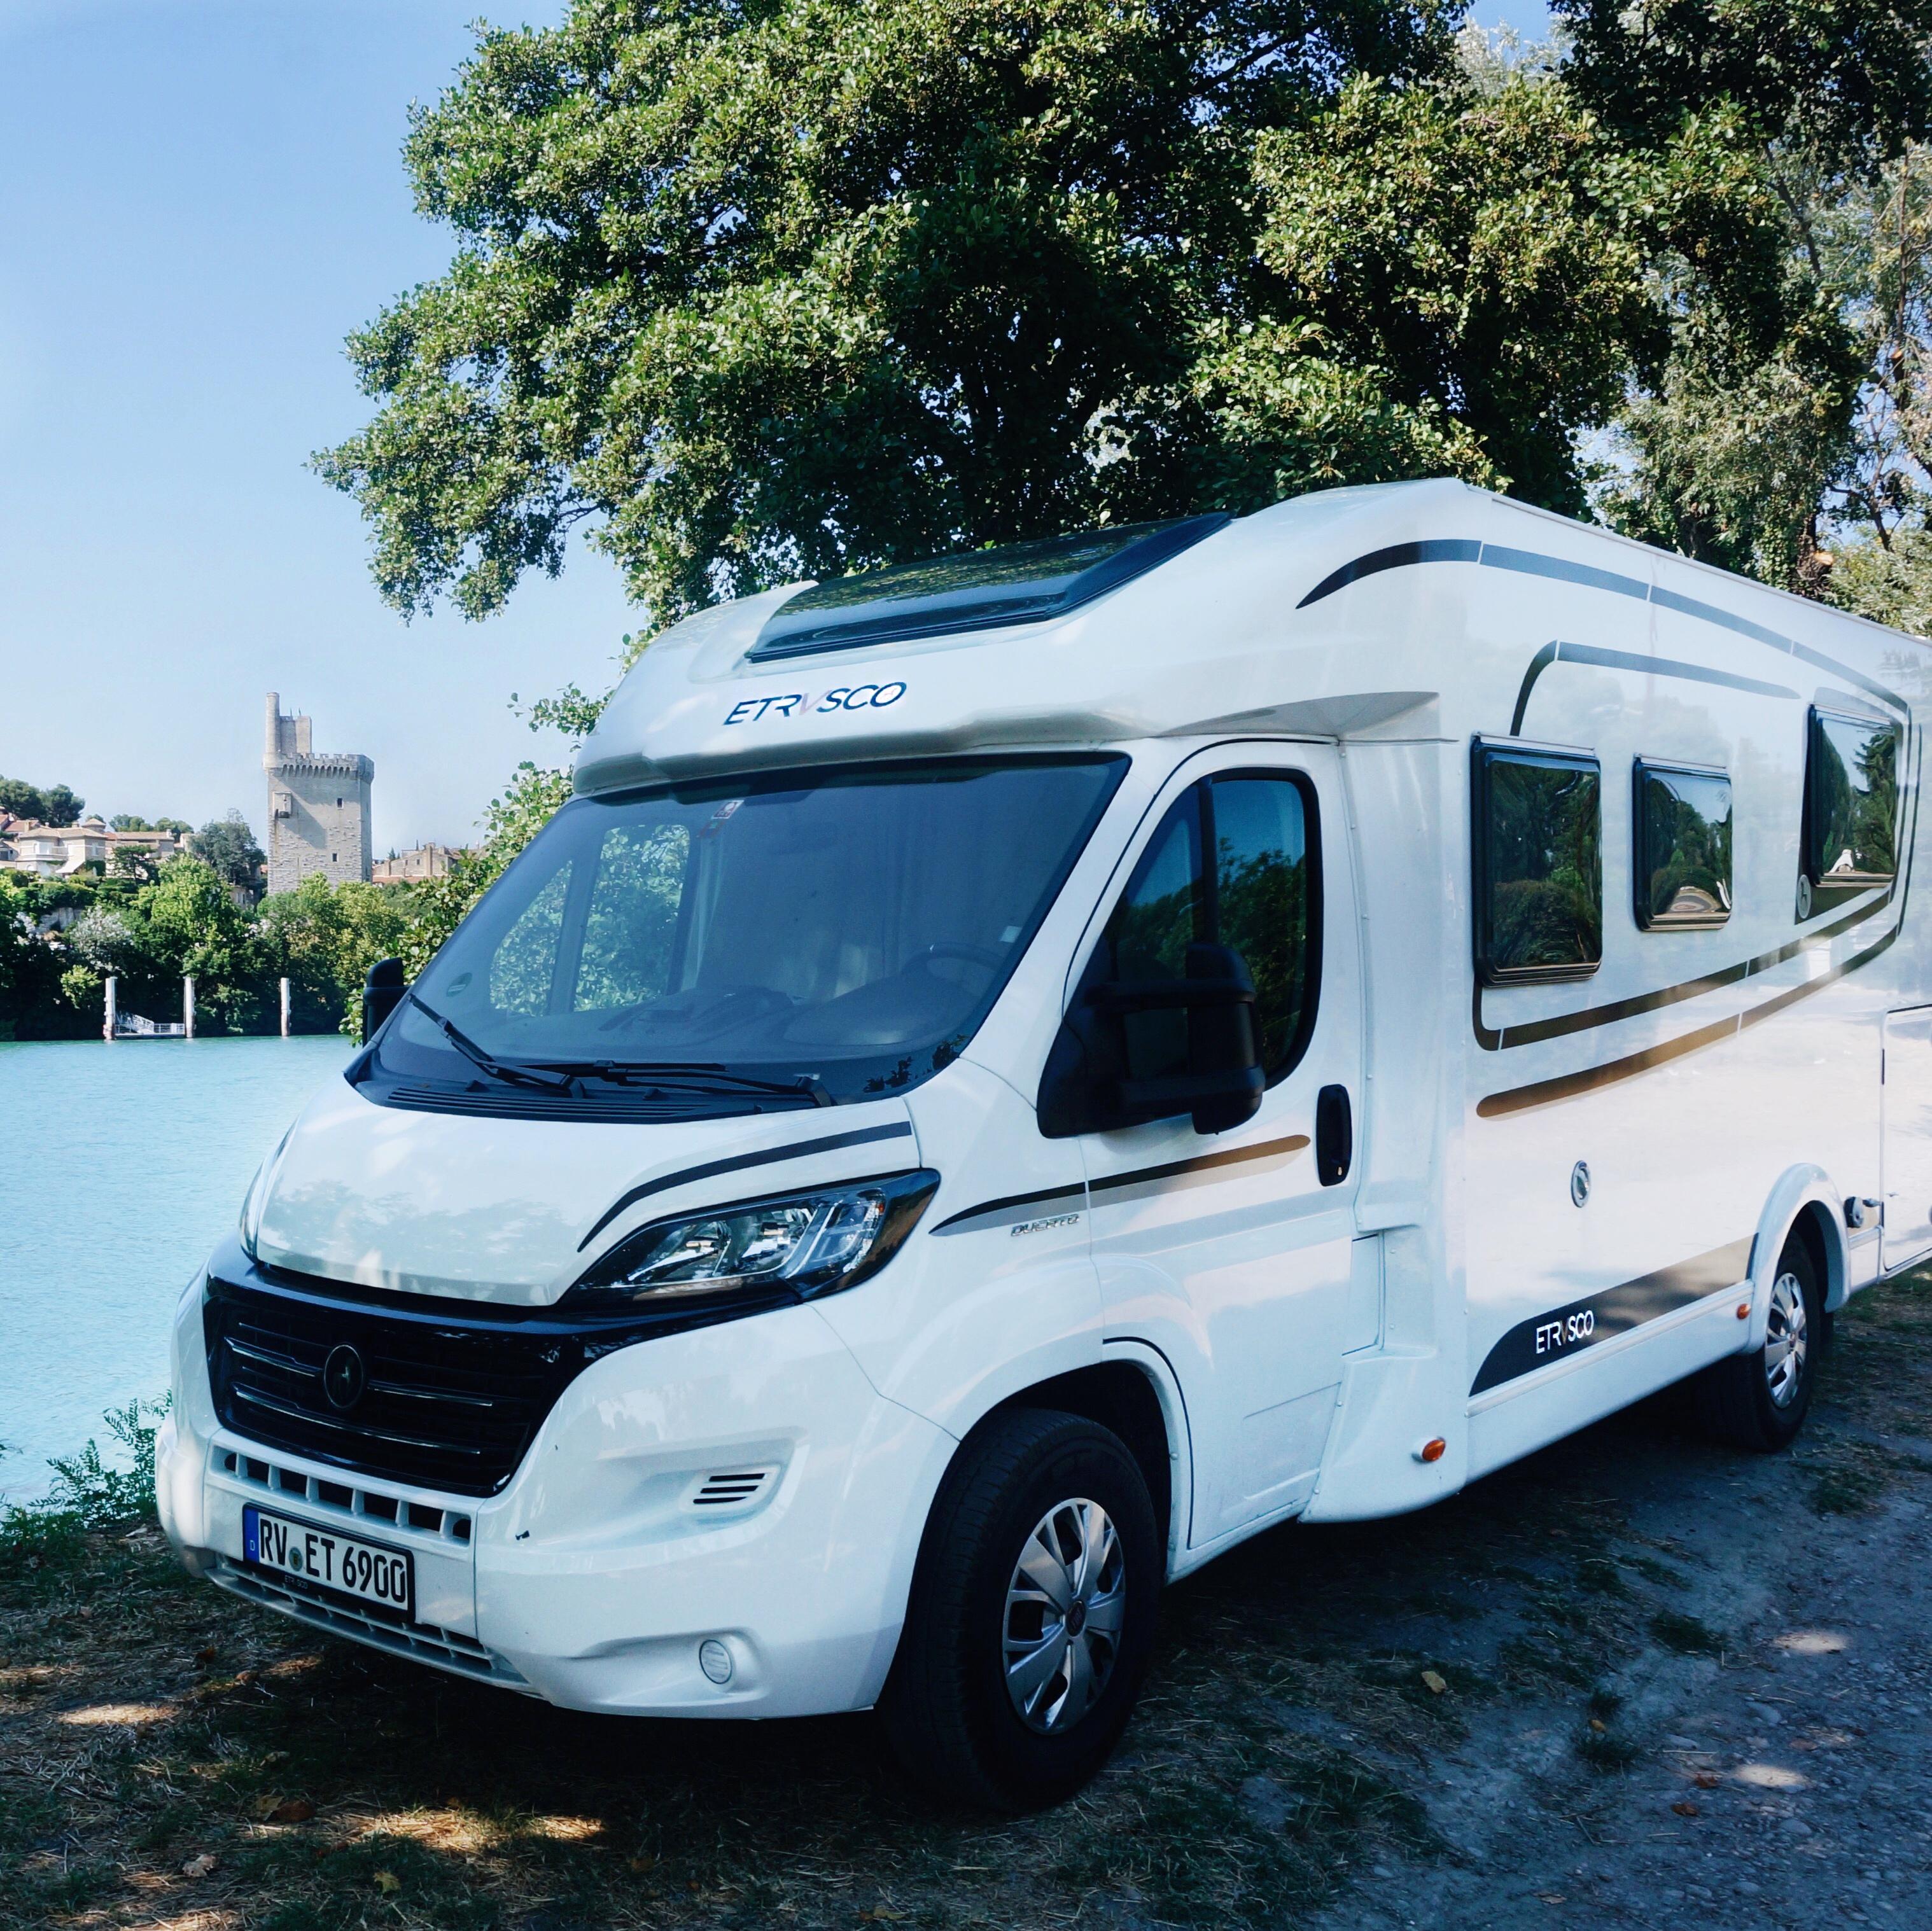 Wohnmobilstellplatz avignon, Wohnmobil durch Frankreich, Provence, Campingplätze, Stellplätze Frankreich